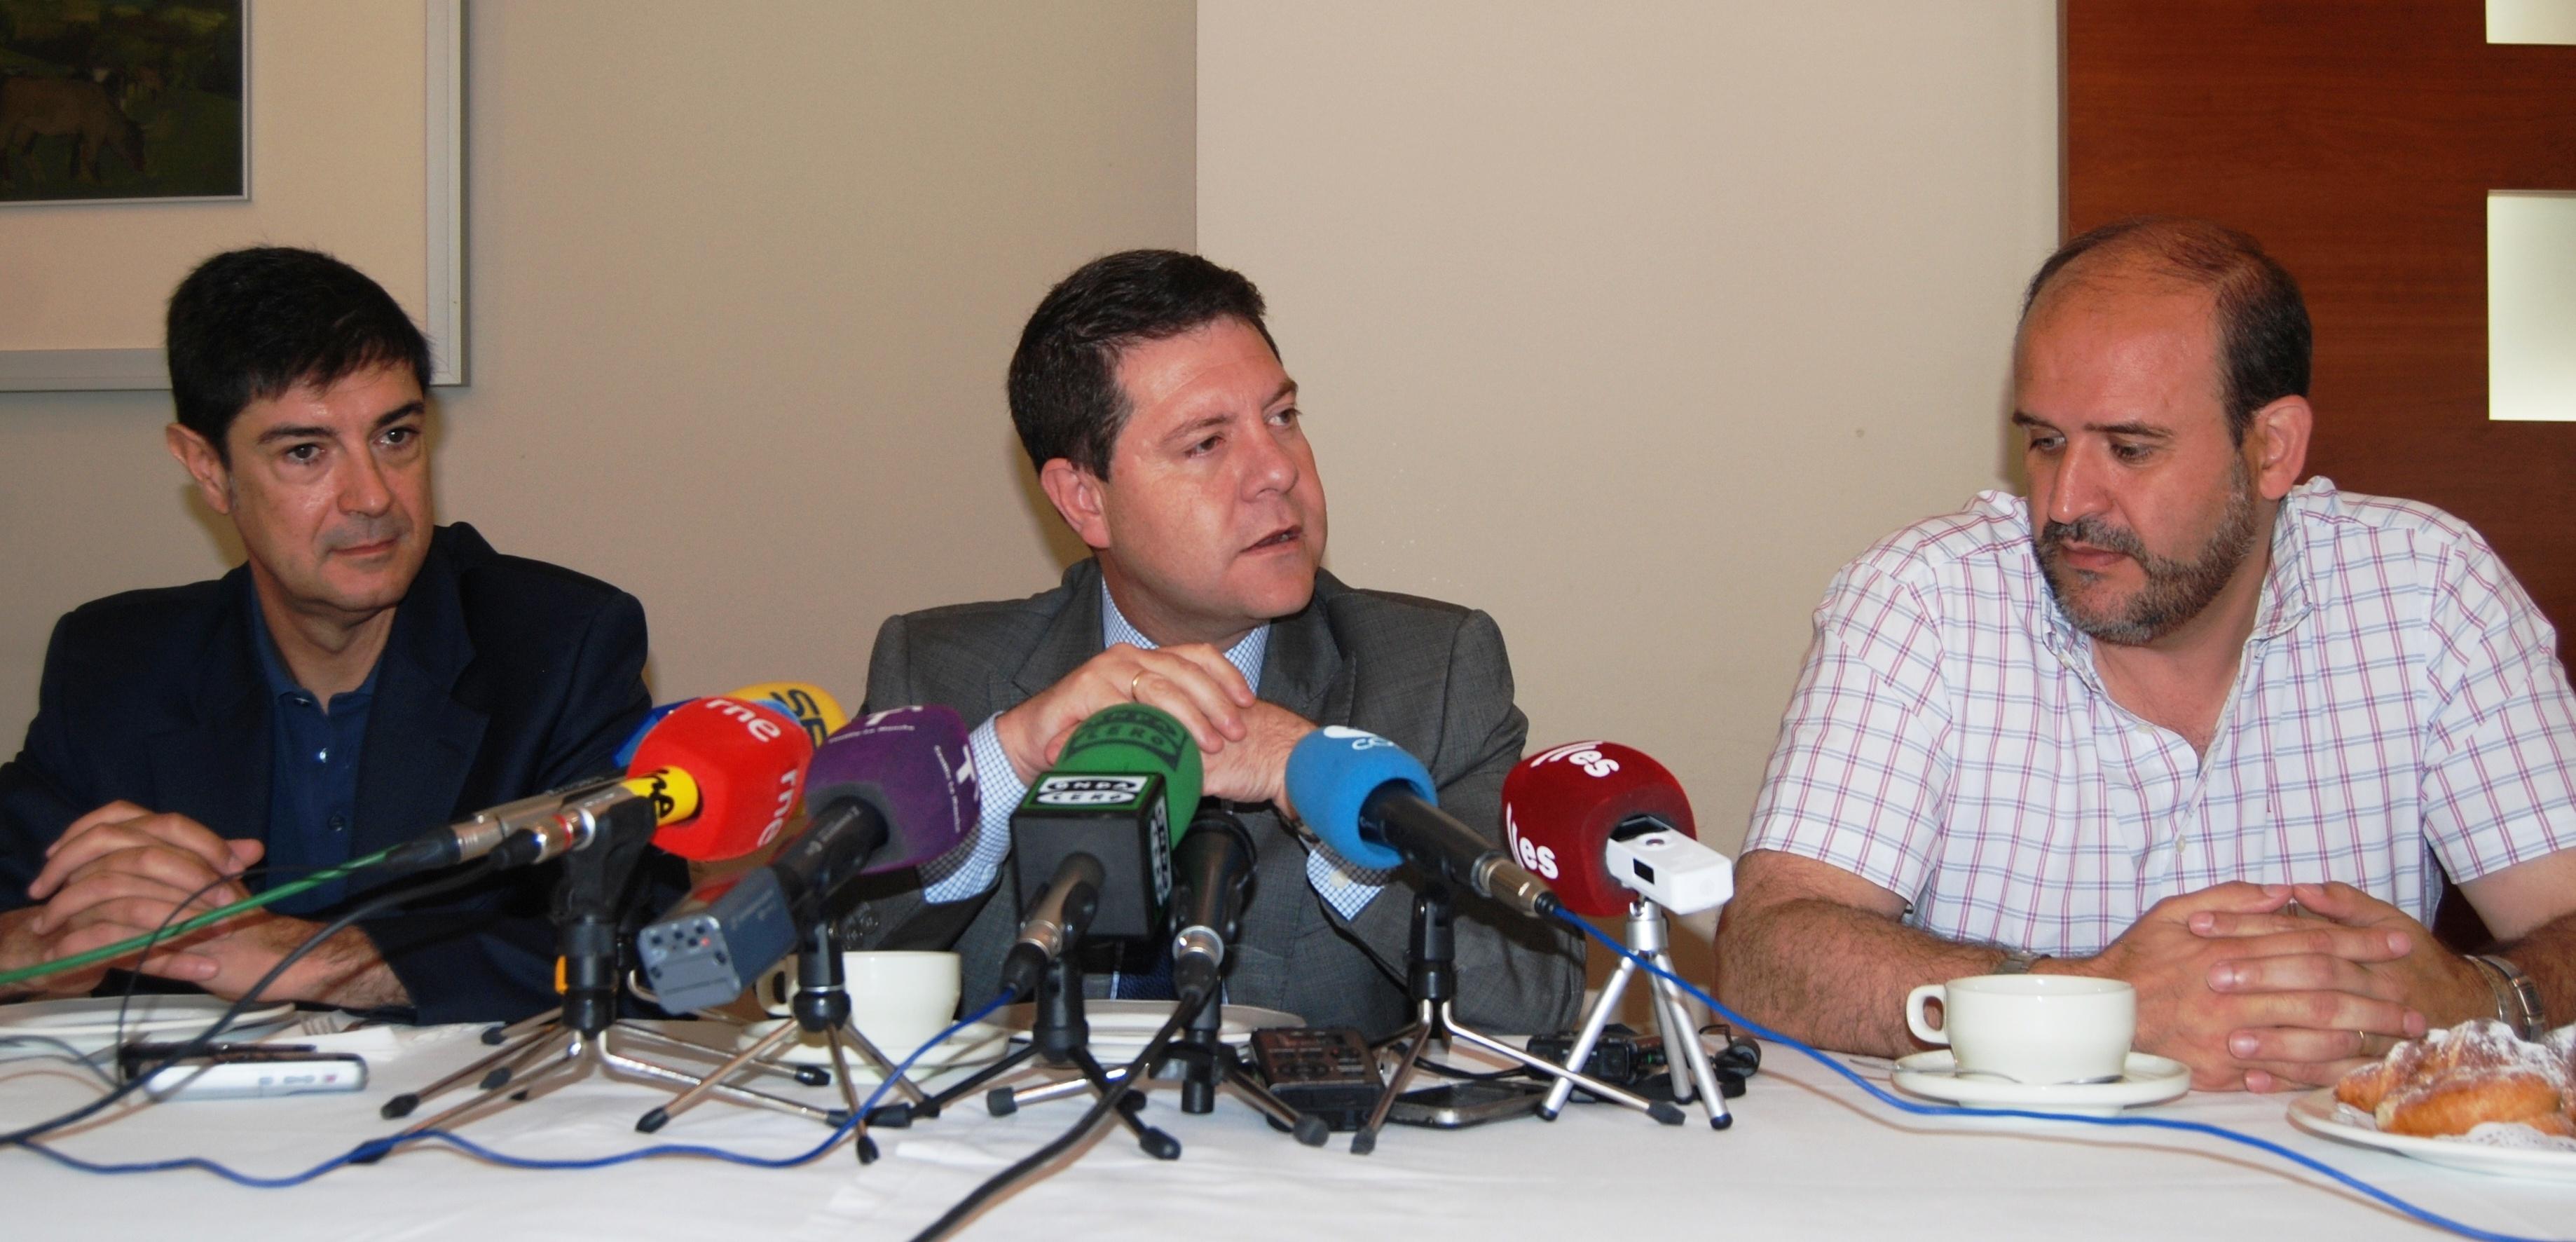 PSOE C-LM pedirá la convocatoria de elecciones anticipadas si Cospedal no comparece para hablar del caso Bárcenas